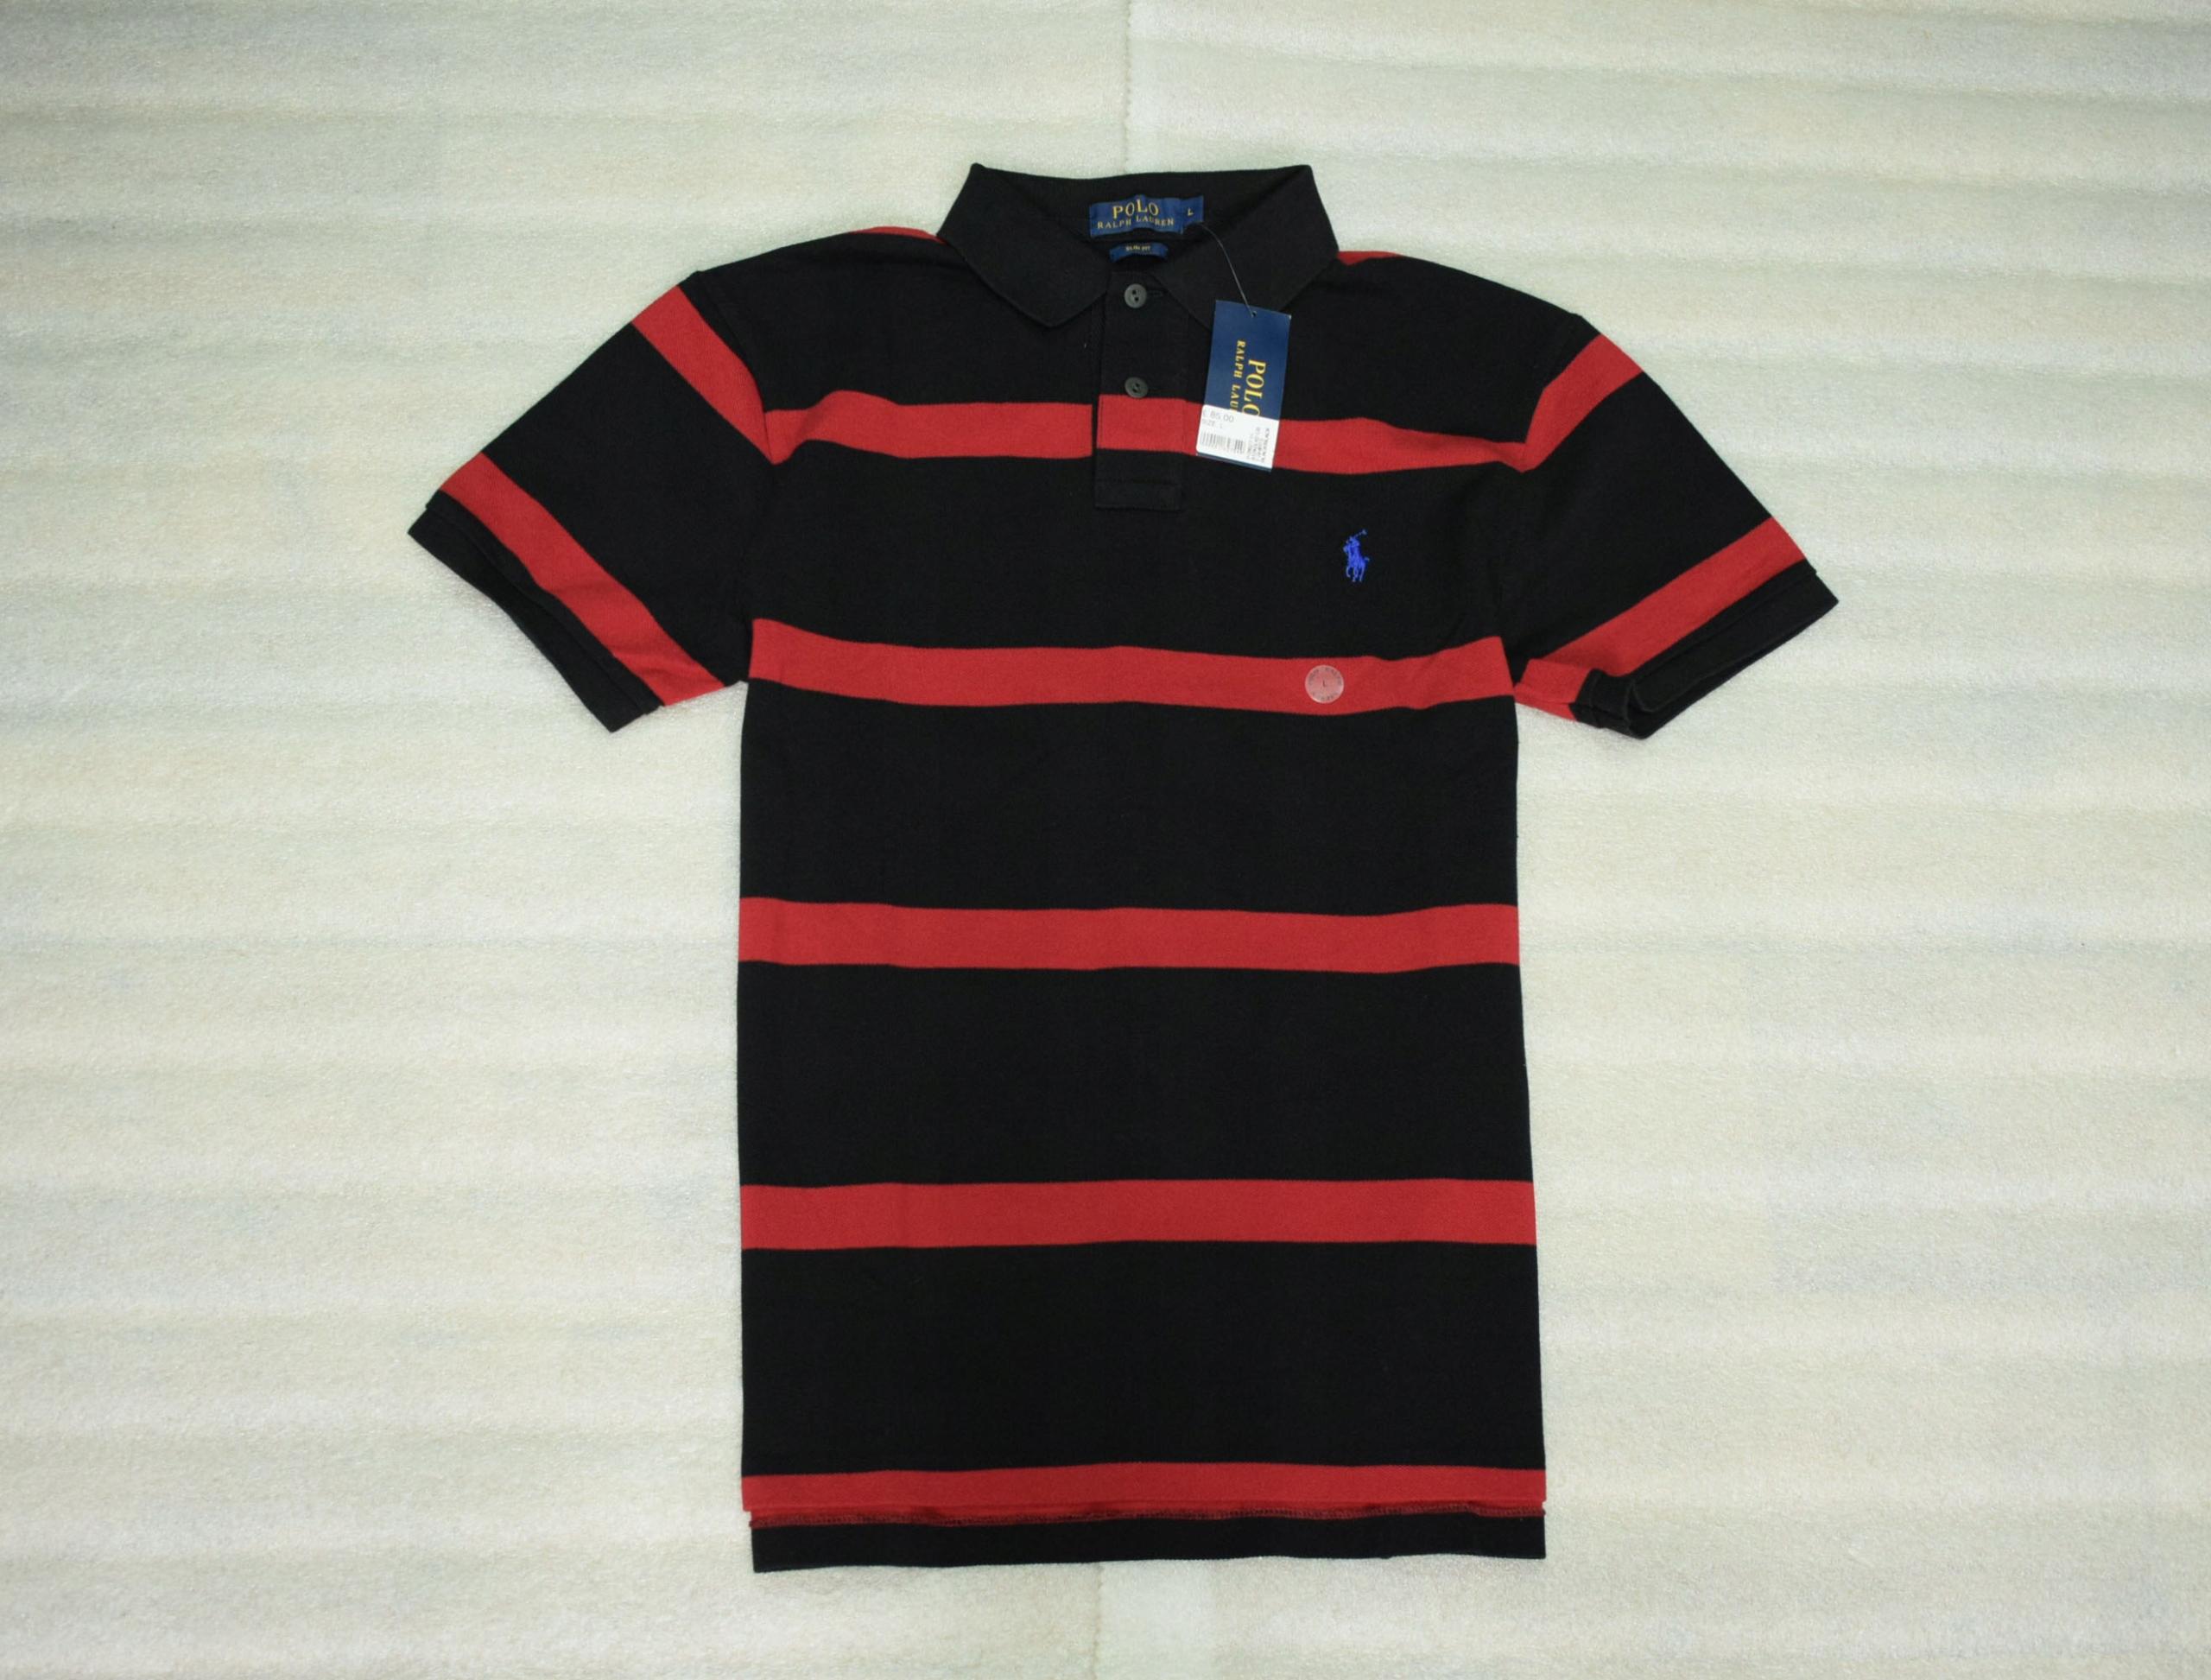 Nowy T-shirt POLO RALPH LAUREN S/M